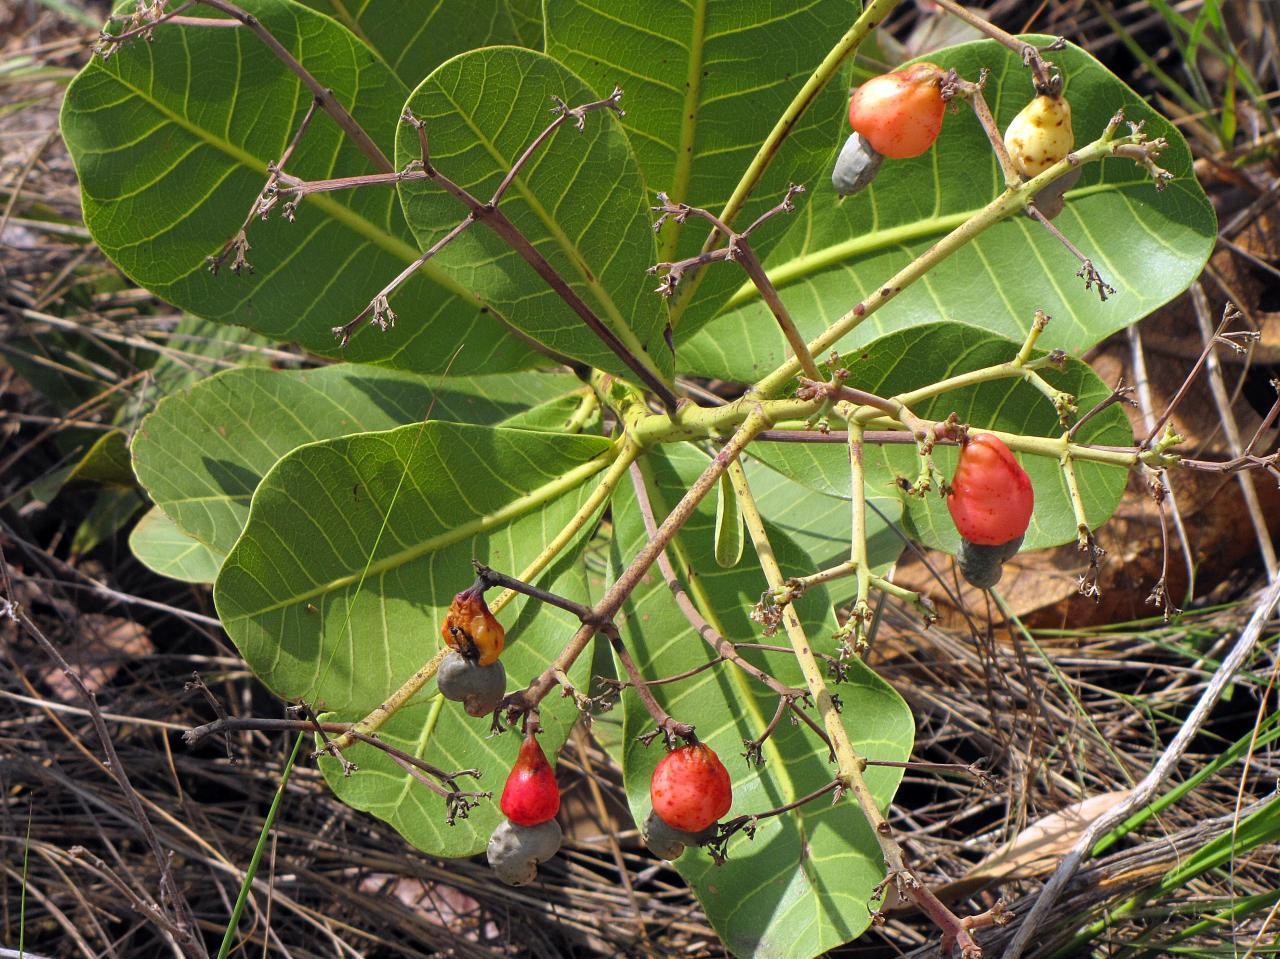 Image of monkey nut